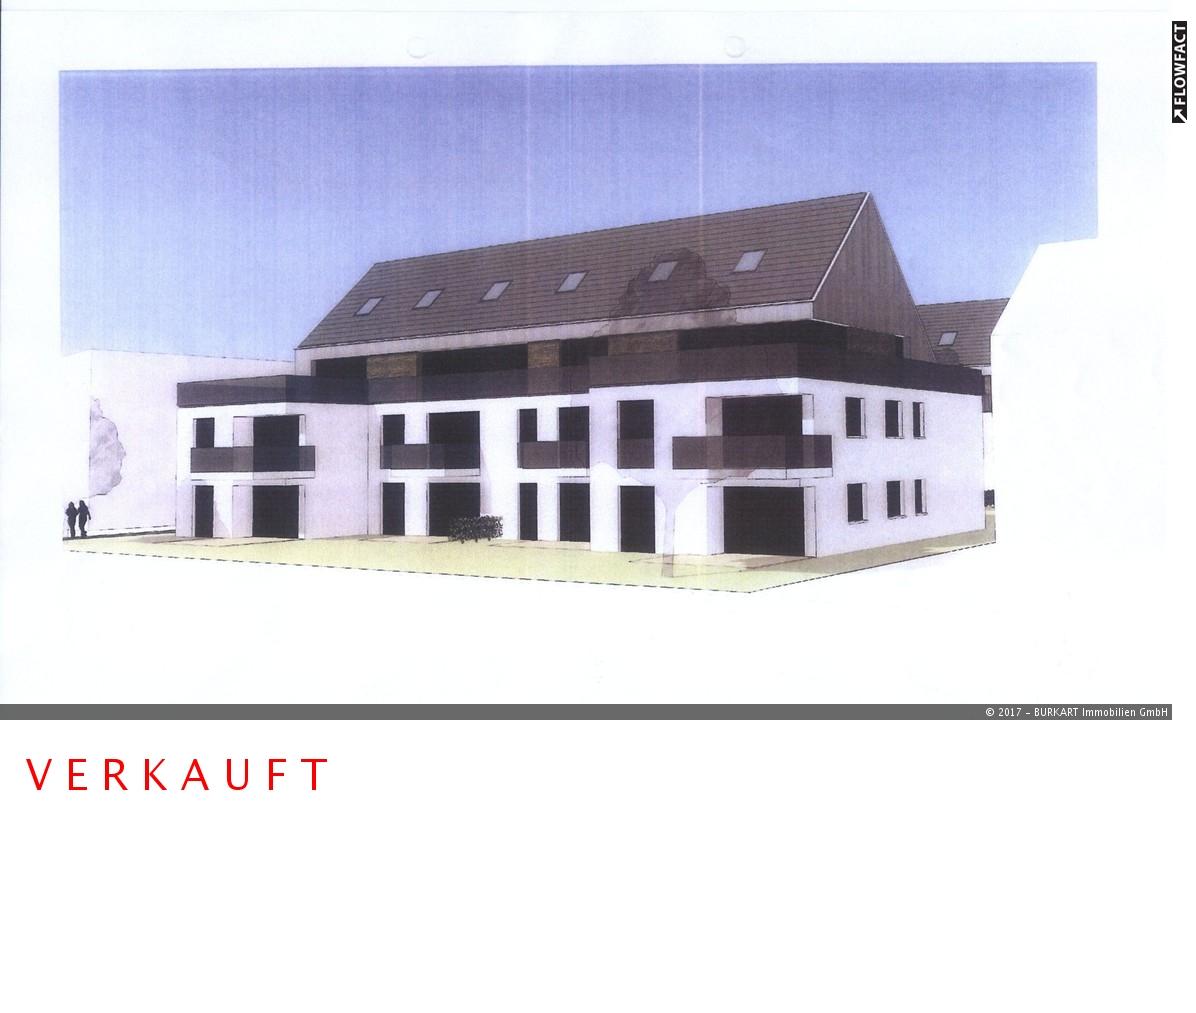 ++VERKAUFT++      Penthouse-Wohnung in TOP-Lage von Weil am Rhein (Altweil), 79576 Weil am Rhein (Altweil), Penthousewohnung